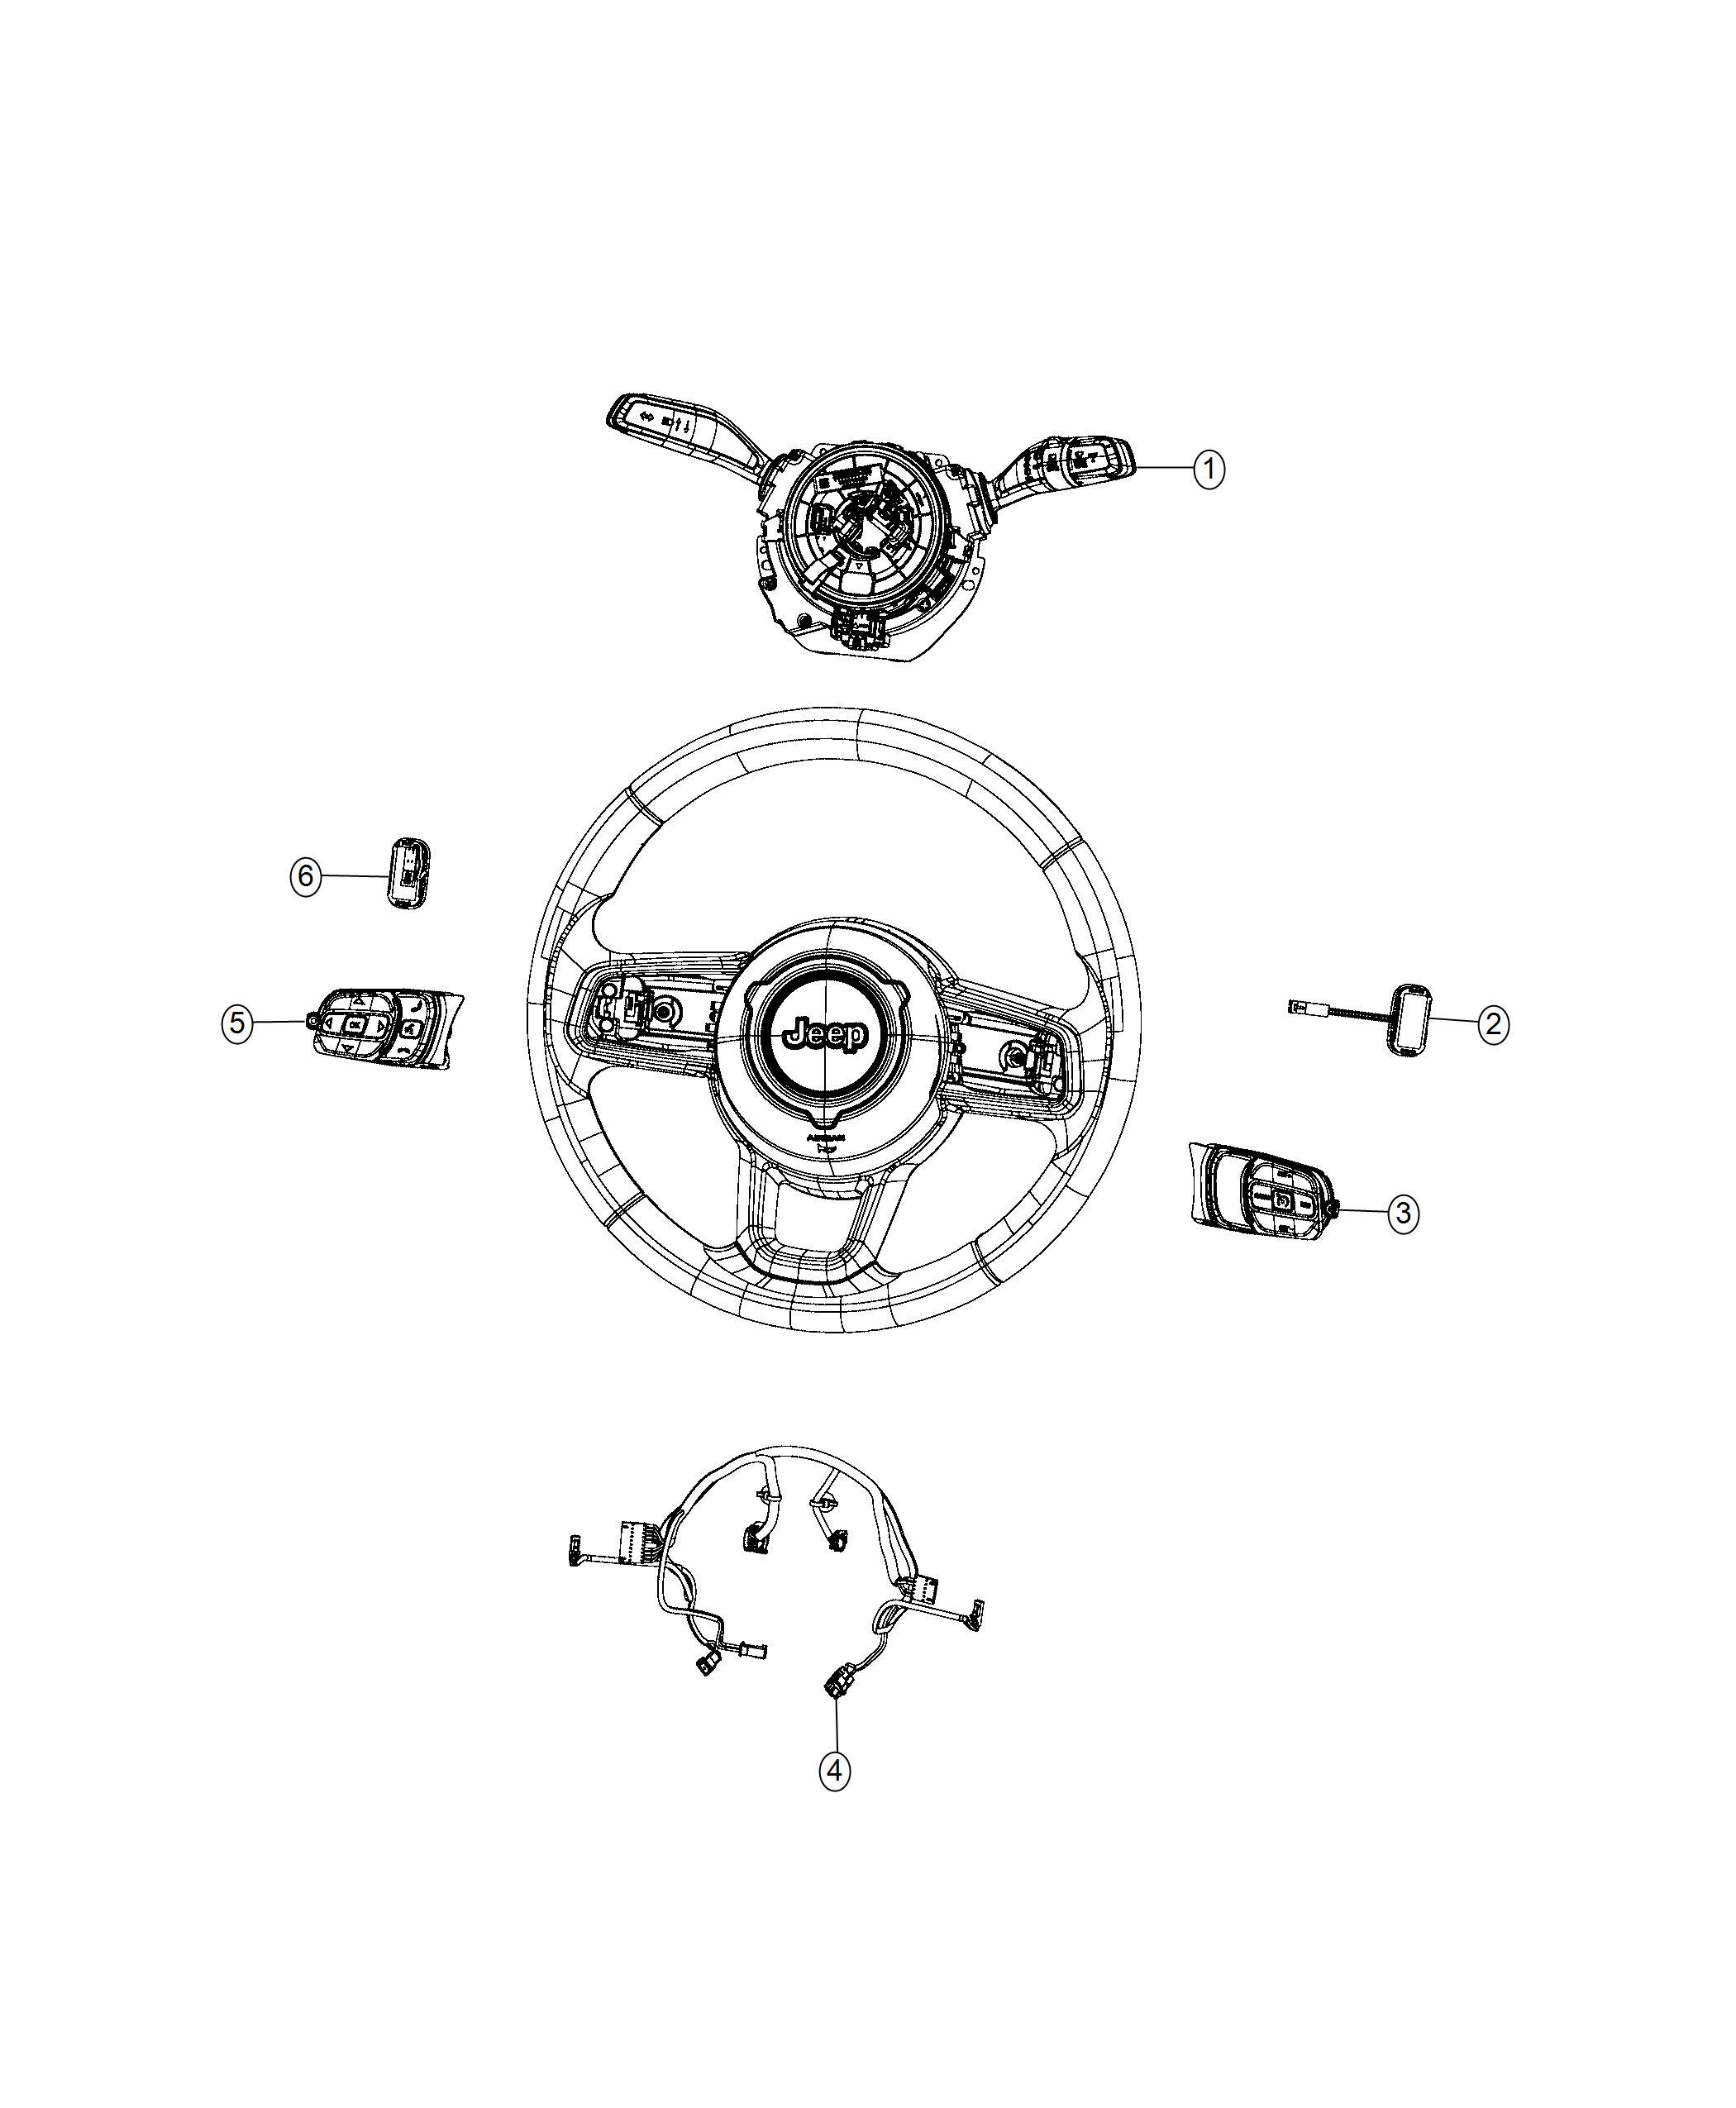 Jeep Wrangler Module Steering Column Export Instrument